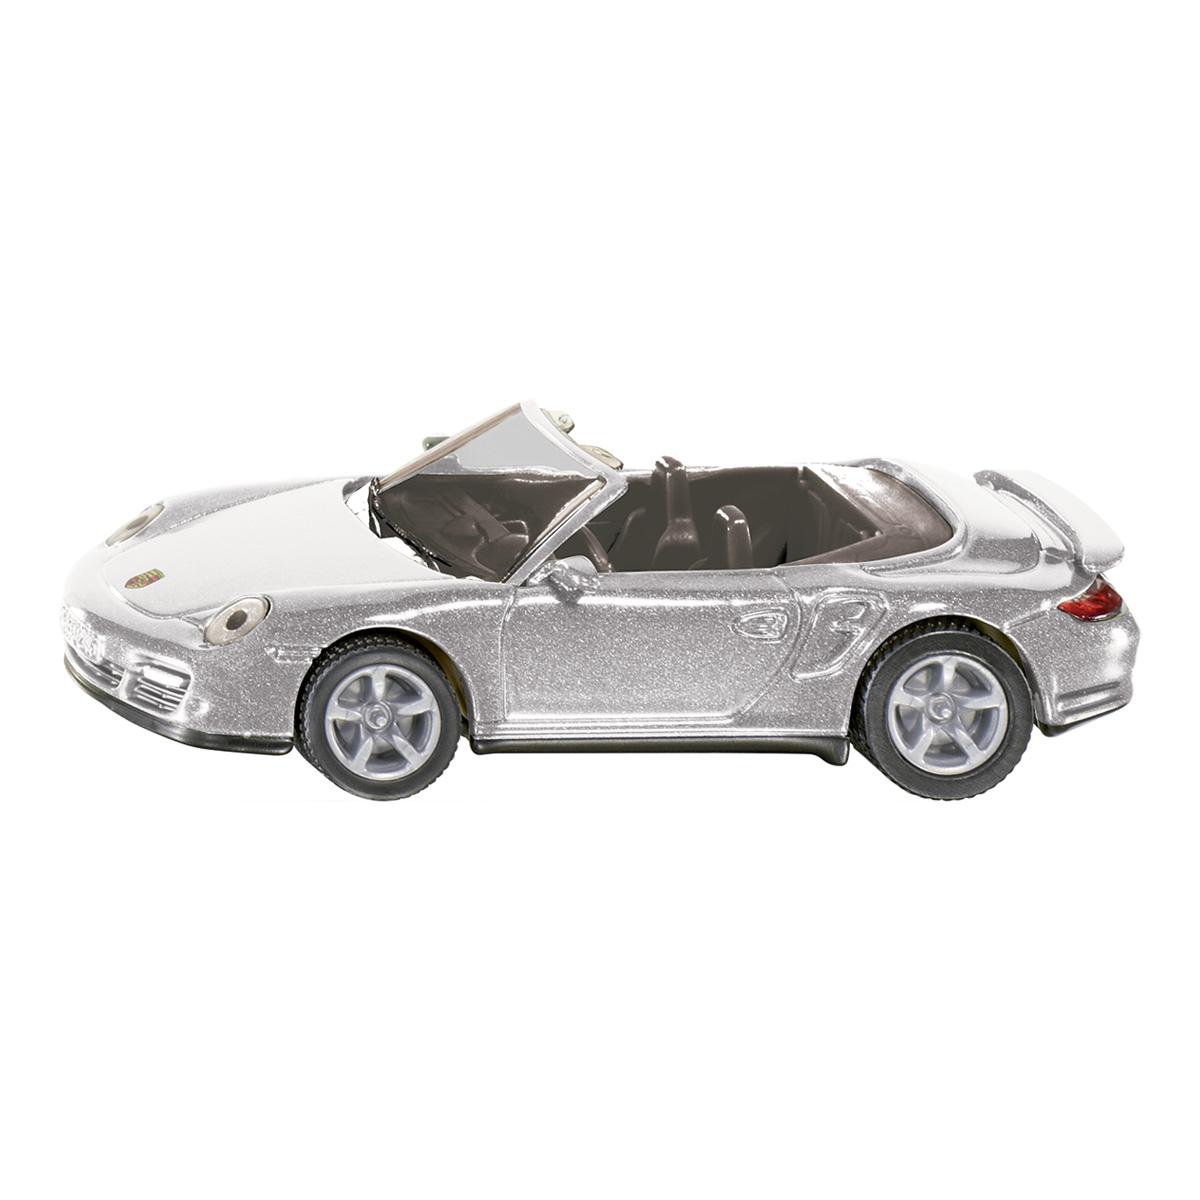 ポルシェ 911 ターボ カブリオレ(ジク・SIKU)